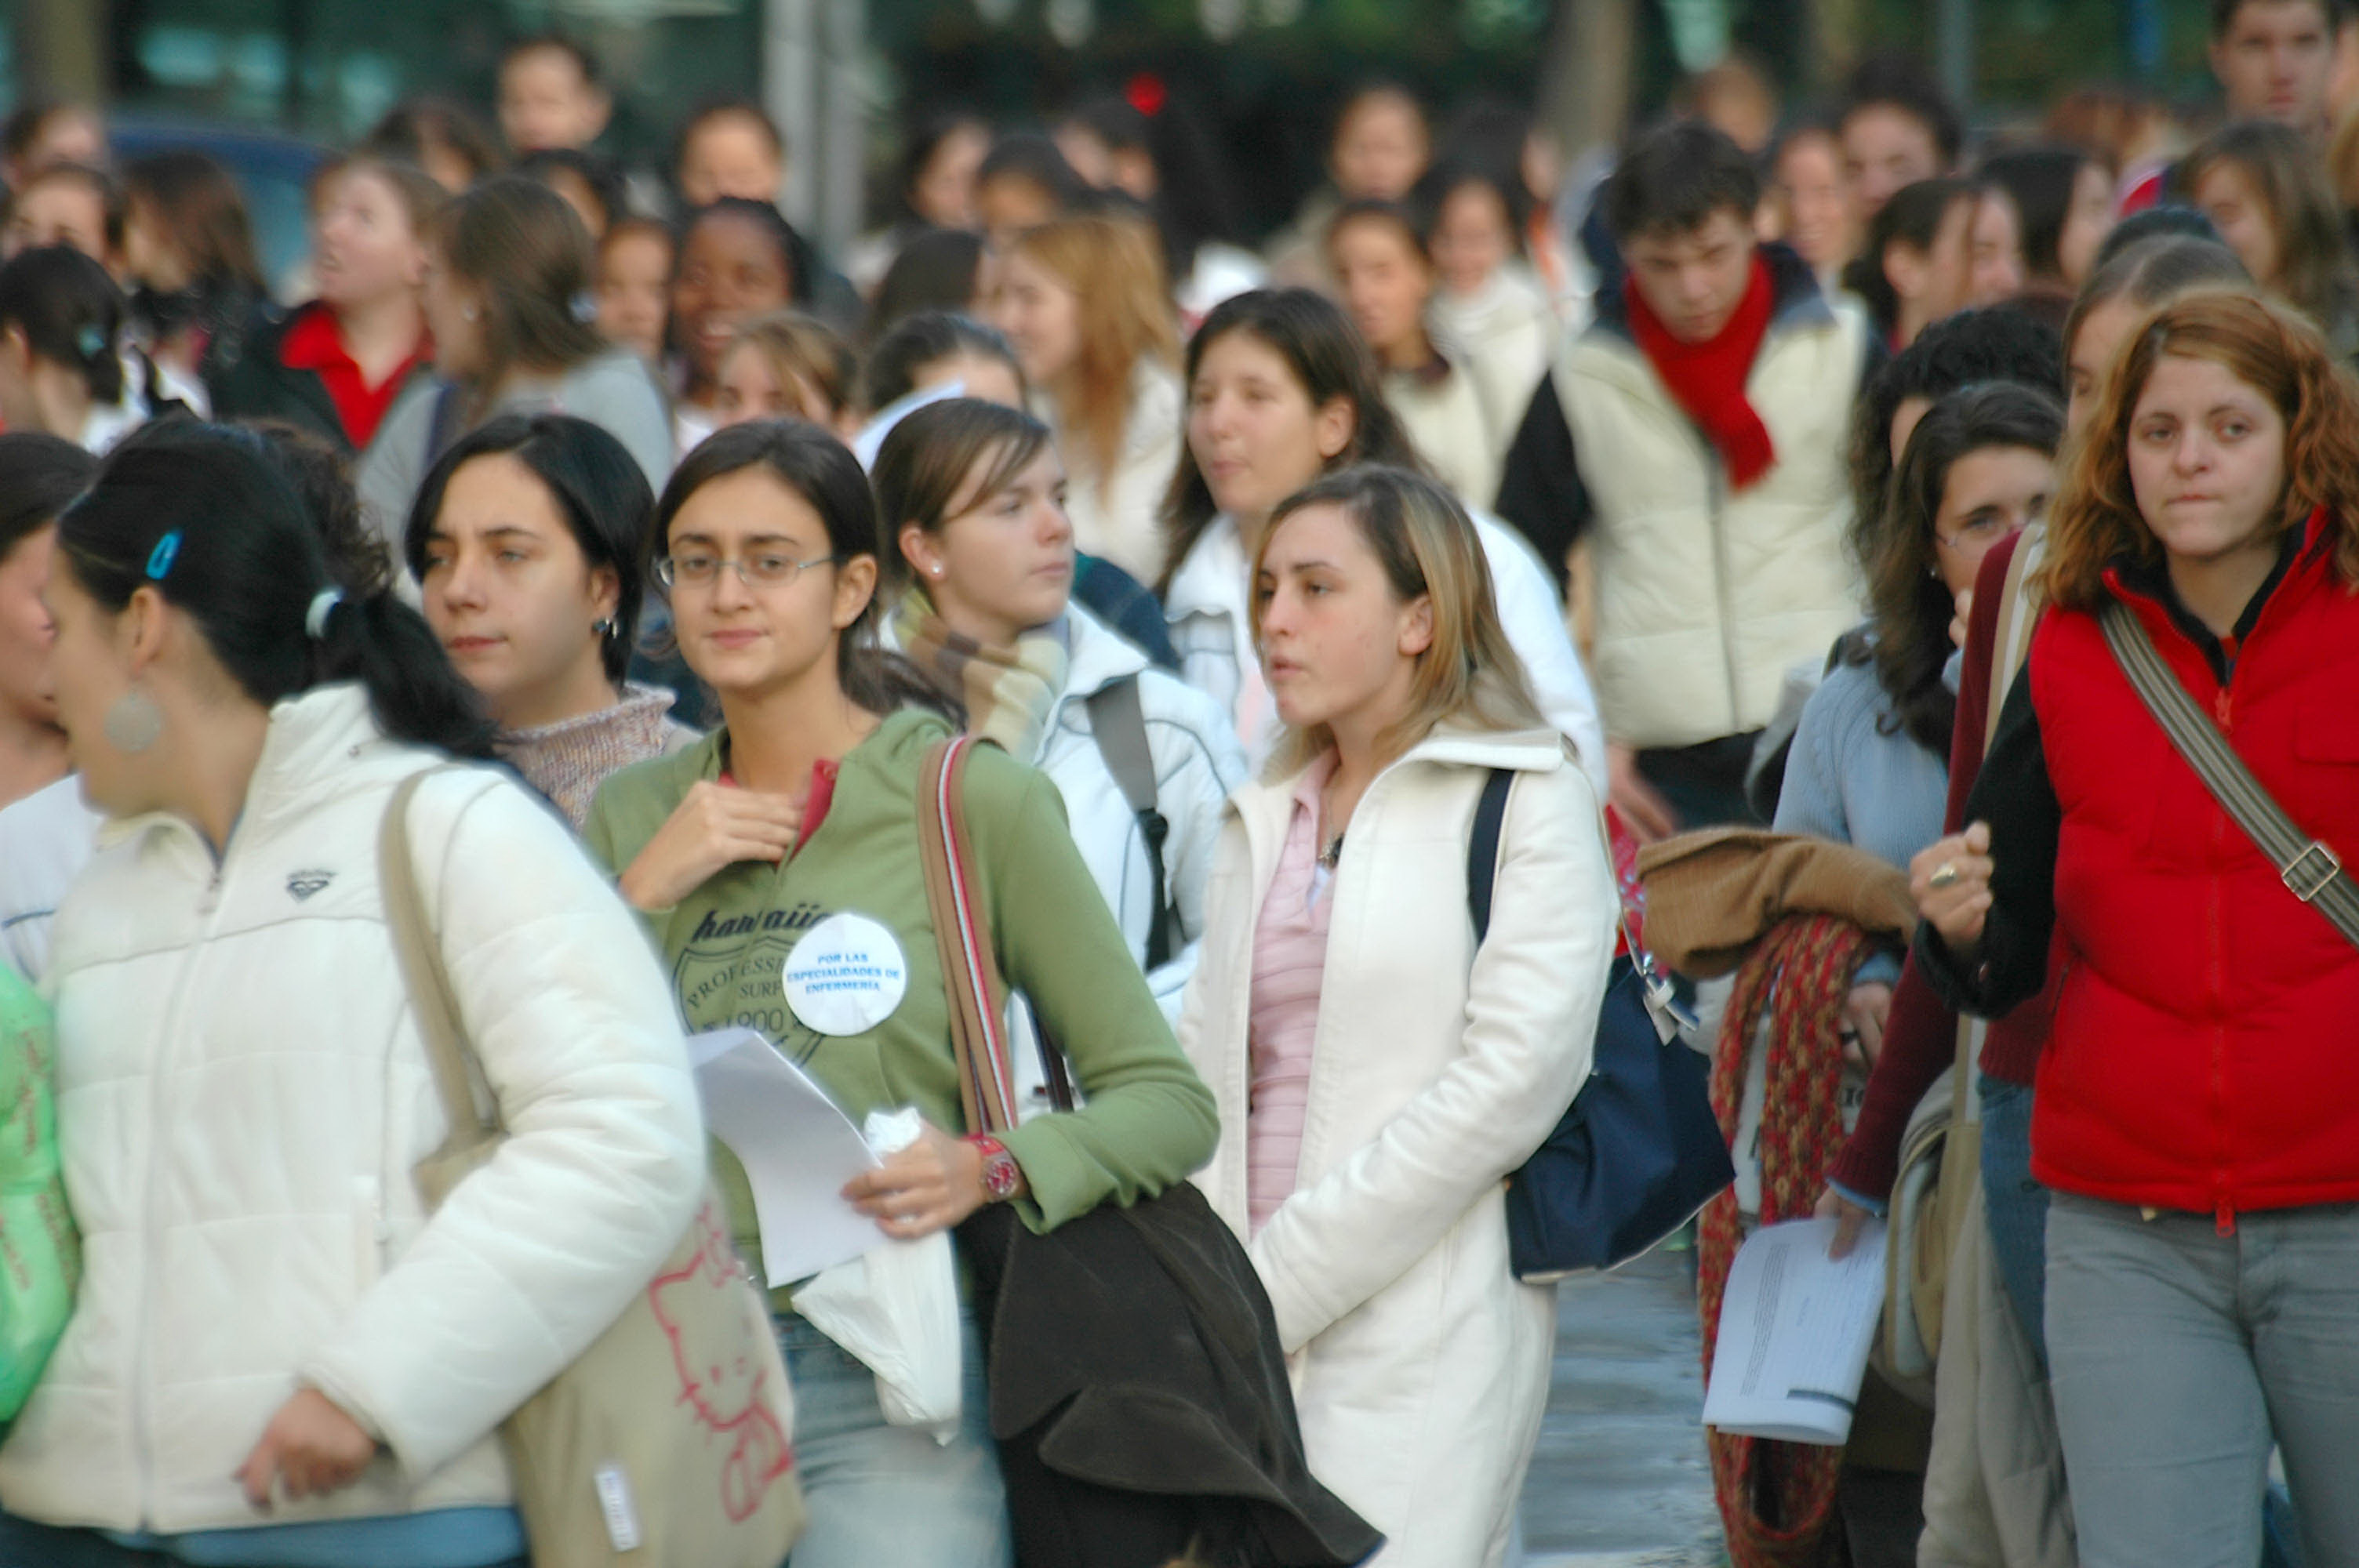 En España por primera vez muere más gente de la que nace